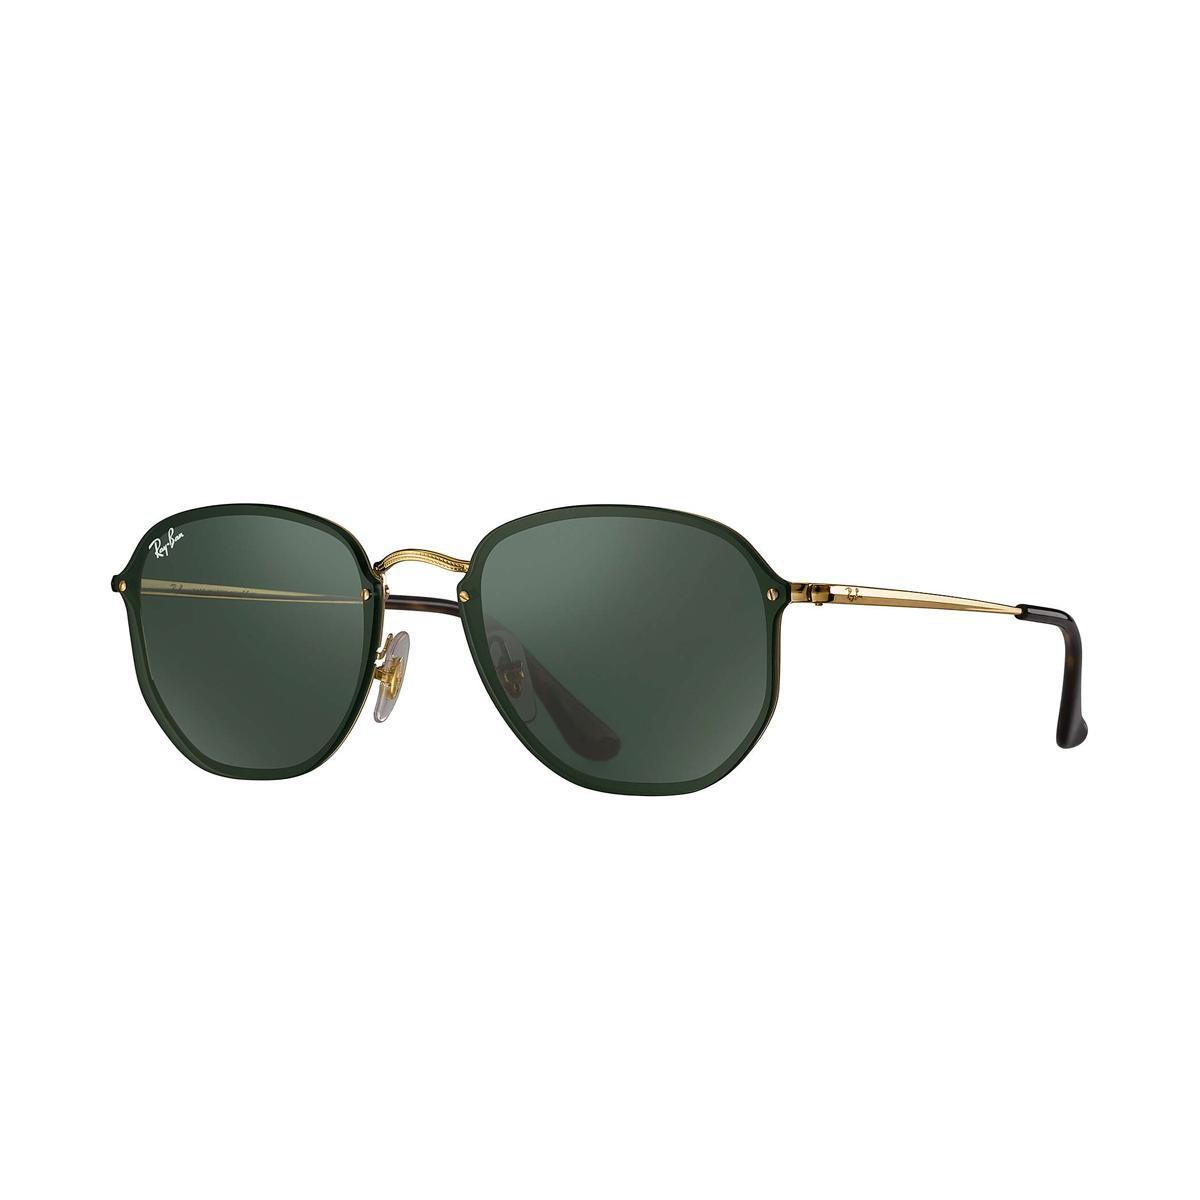 Óculos de Sol Ray-Ban Blaze Hexagonal - Dourado - Compre Agora ... 366129c1ac